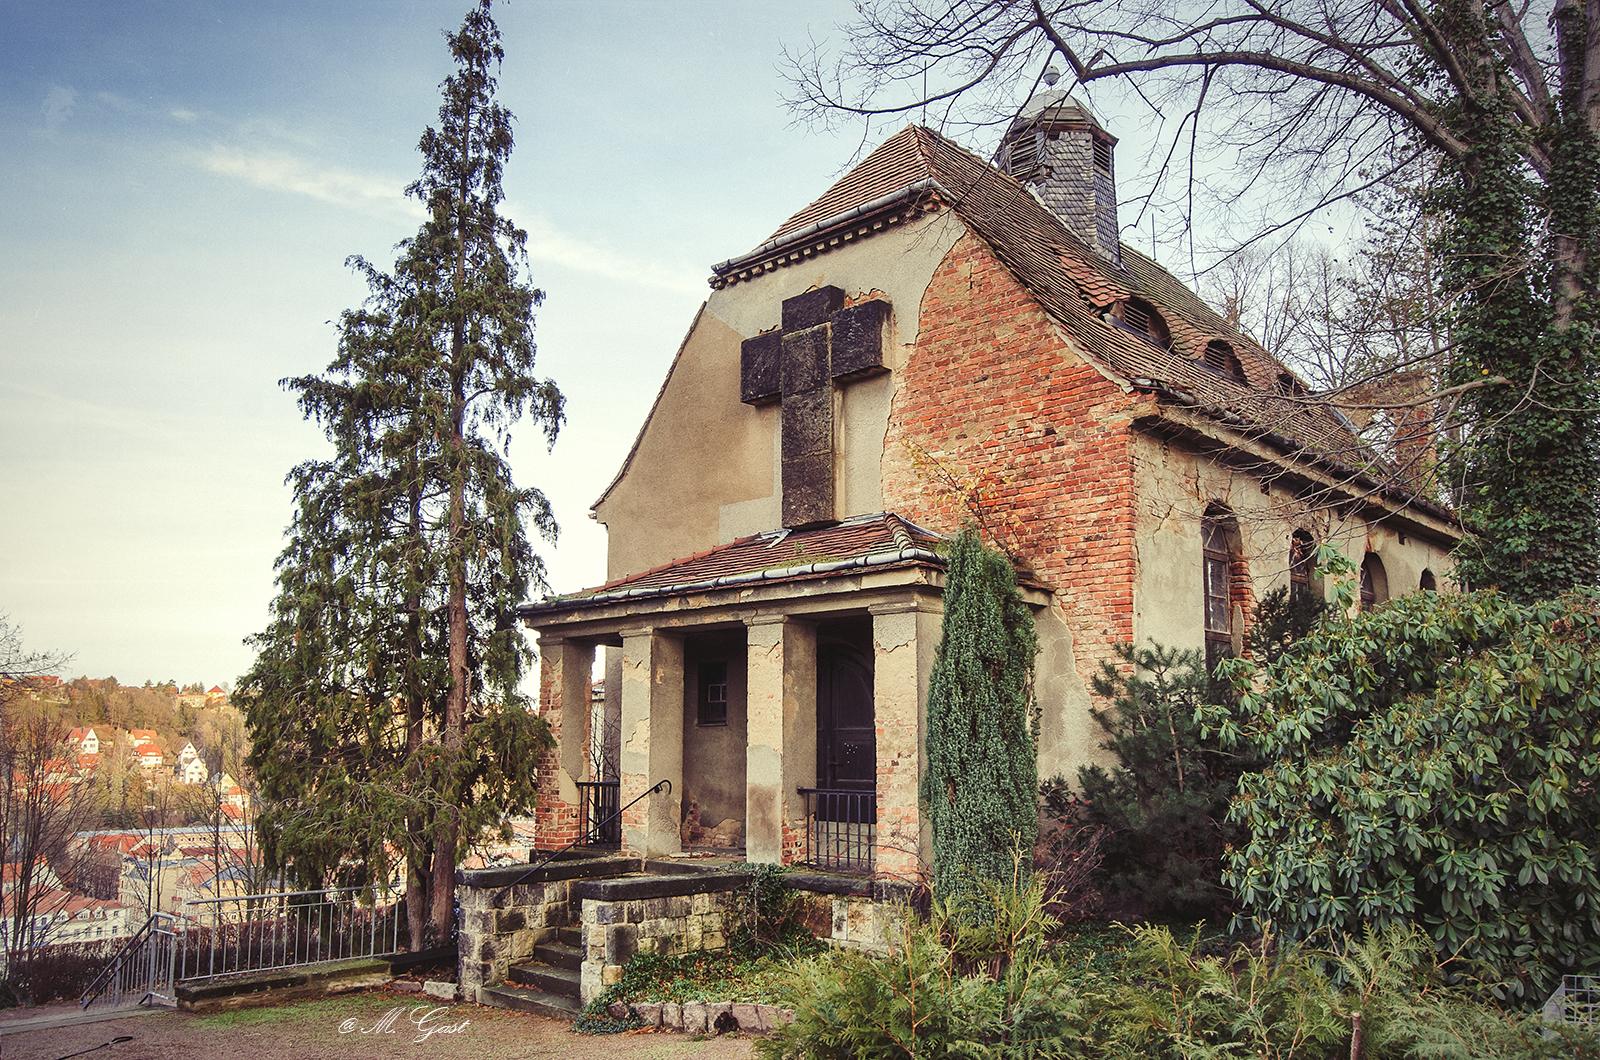 kapelle-nicolaifriedhof-triebischtal-vorderansicht